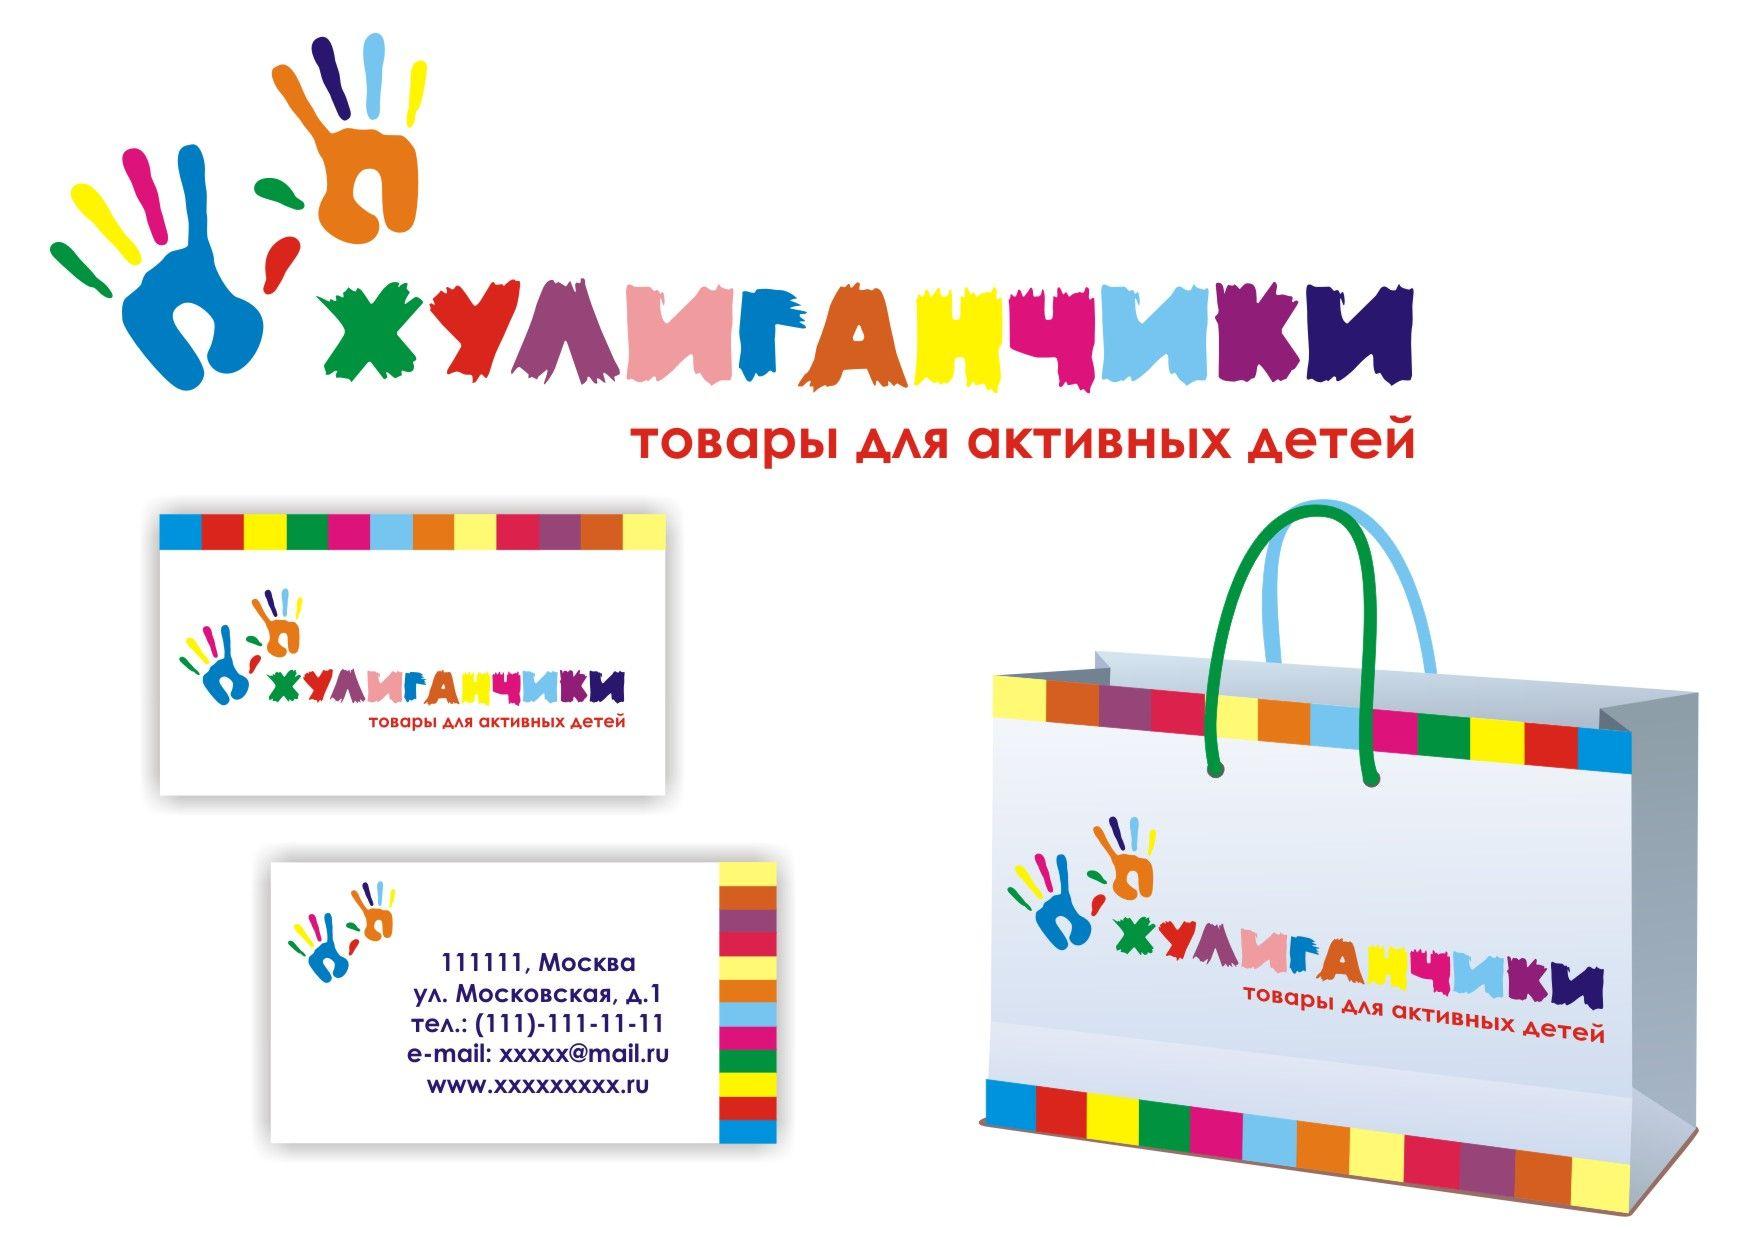 Логотип и фирменный стиль для интернет-магазина - дизайнер semyonova